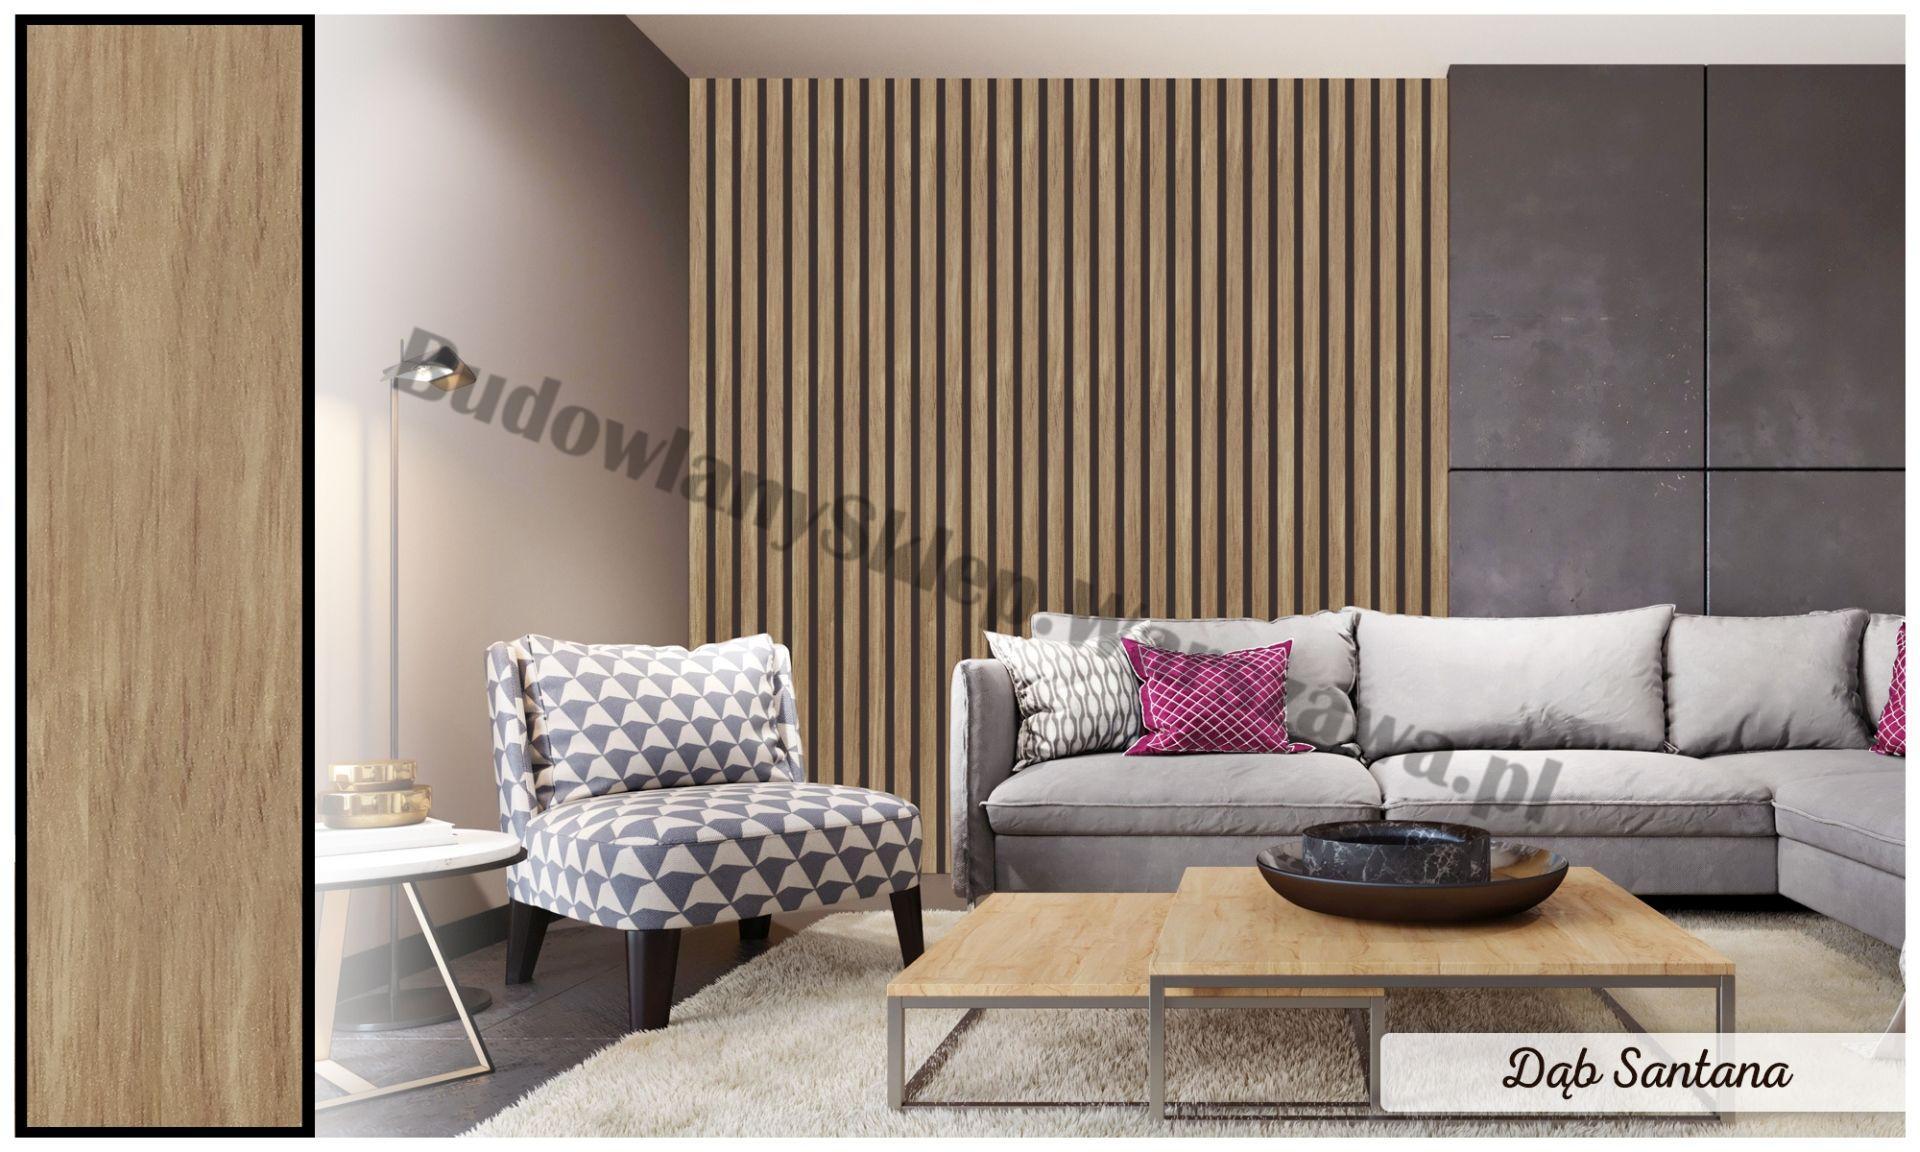 Lamele dekoracyjne panele pionowe listwy 3d ozdobne na ścianę lub sufit 2,8m kolor PUSTYNNY BEŻ